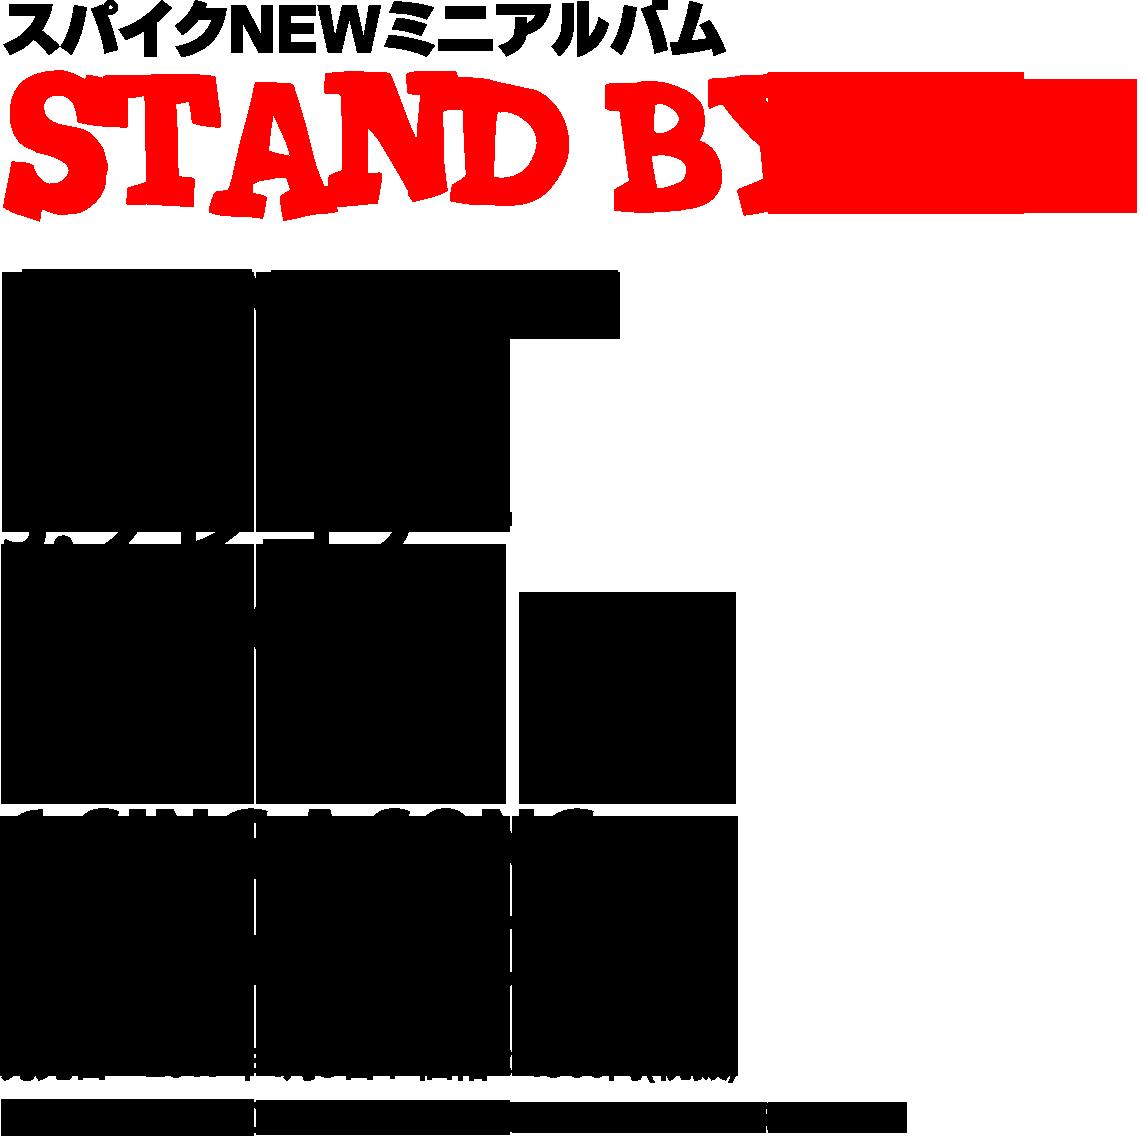 スパイクNEWミニアルバム「STAND BY ME」(IFMR-0001)